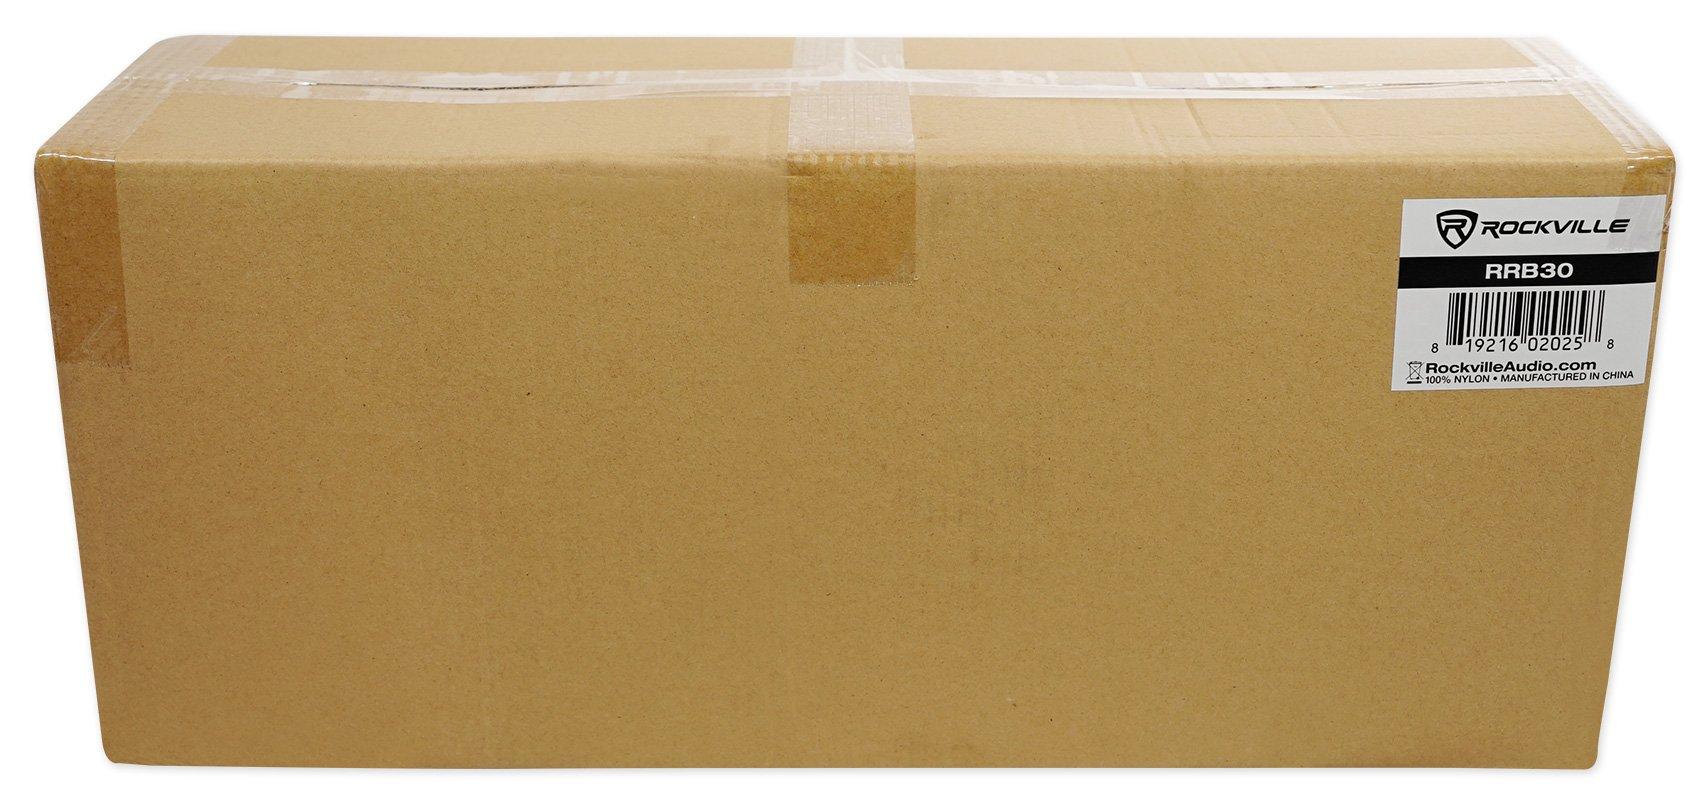 Rockville 3U Rack Bag Double-Sided Case with 12'' Depth + Shoulder Strap (RRB30) by Rockville (Image #6)